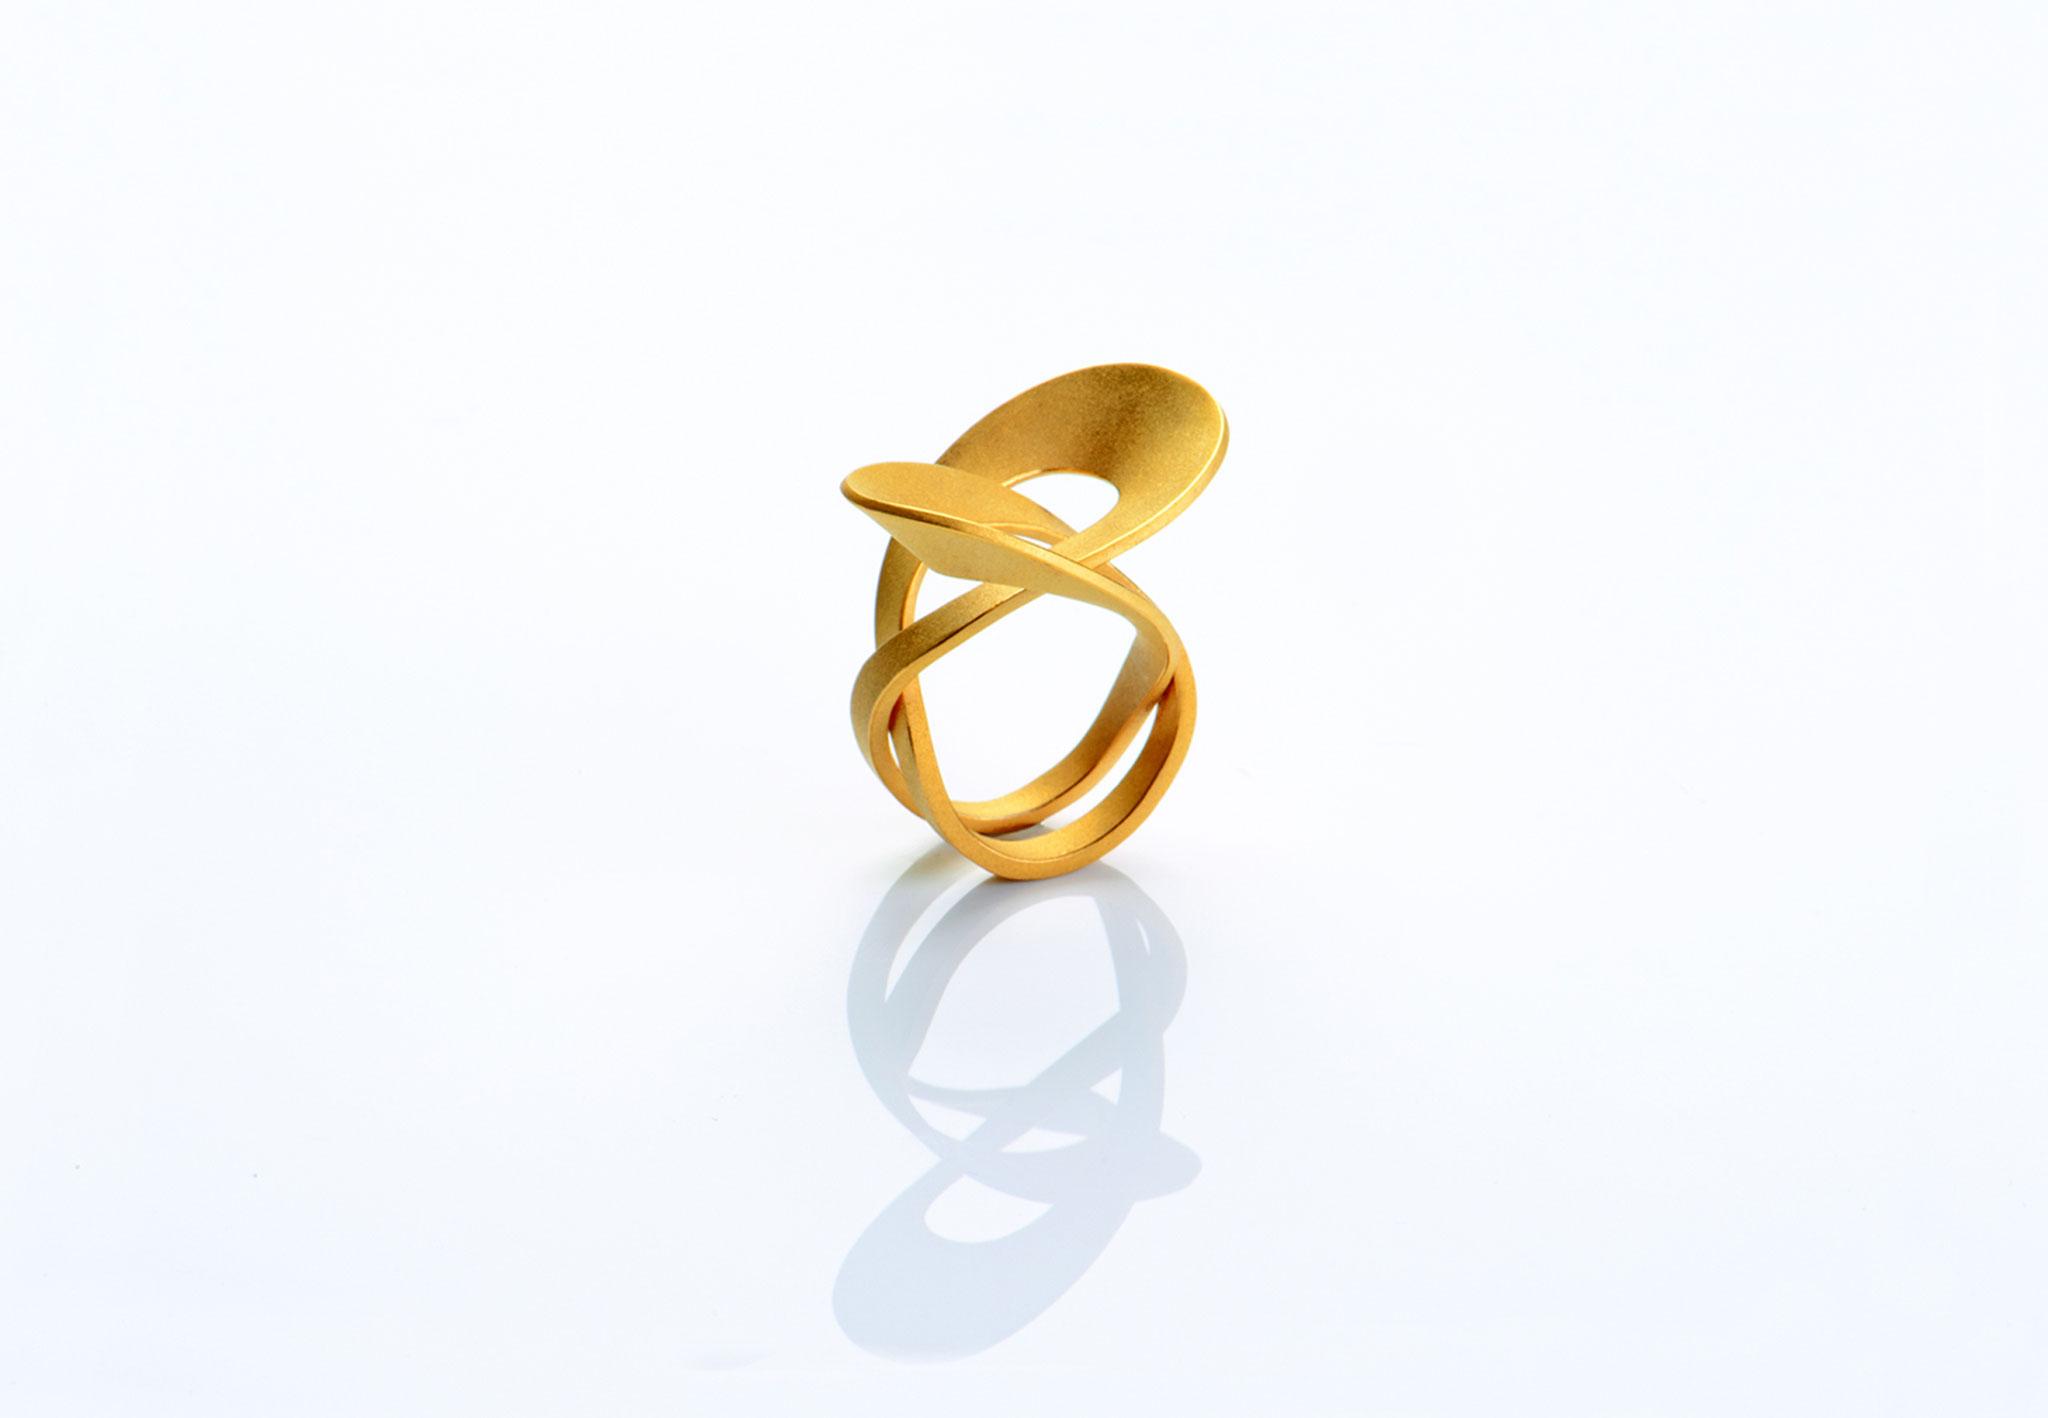 Wendepunkt Ring M1, 925/- Silber, 18ct goldplattiert